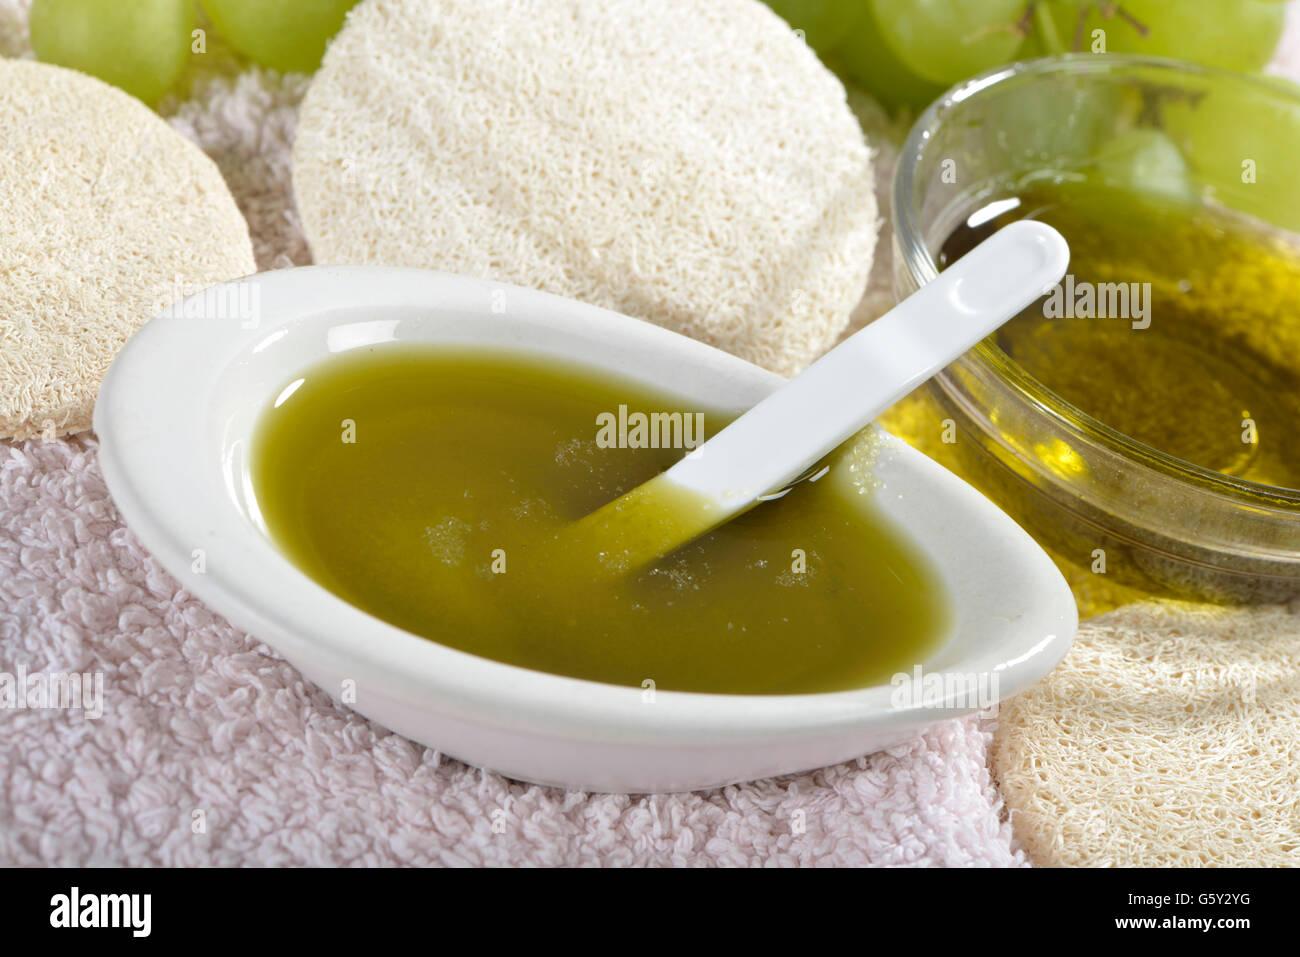 L'huile de pépins de raisin avec du sel de l'océan pour l'utilisation comme l'épluchage Photo Stock